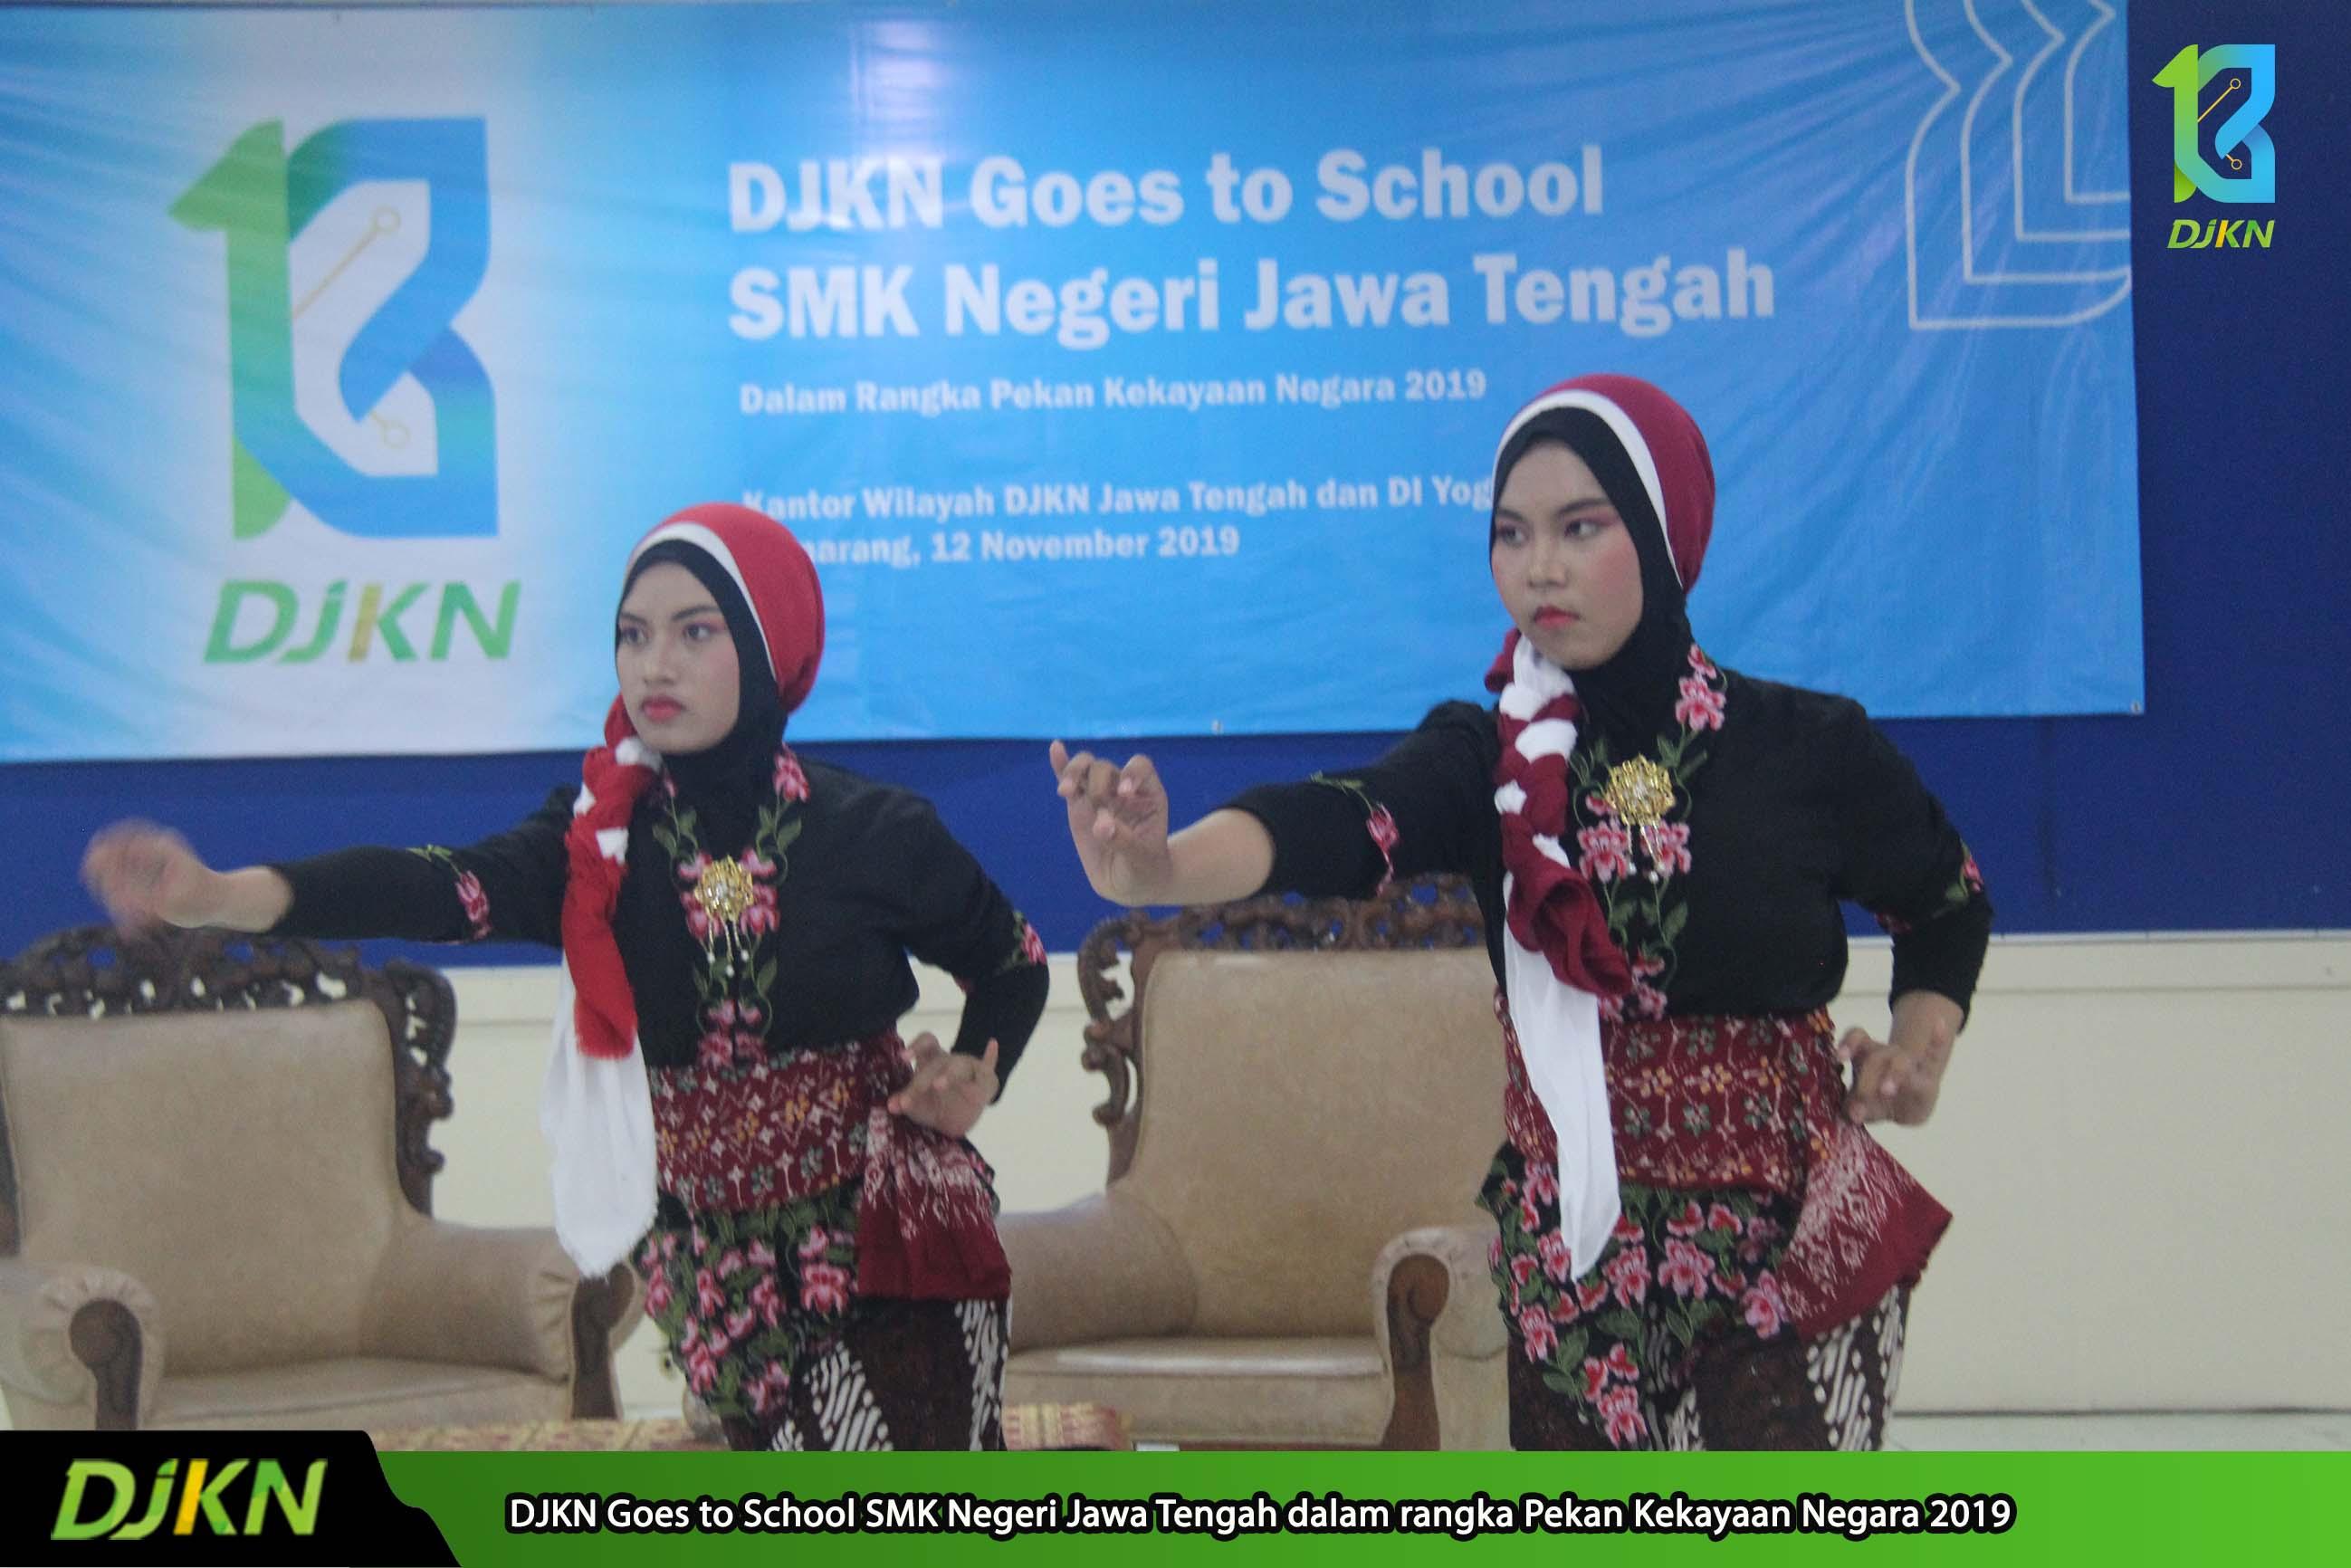 Keseruan DJKN Goes to School dengan Sambutan Antusias Para Siswa